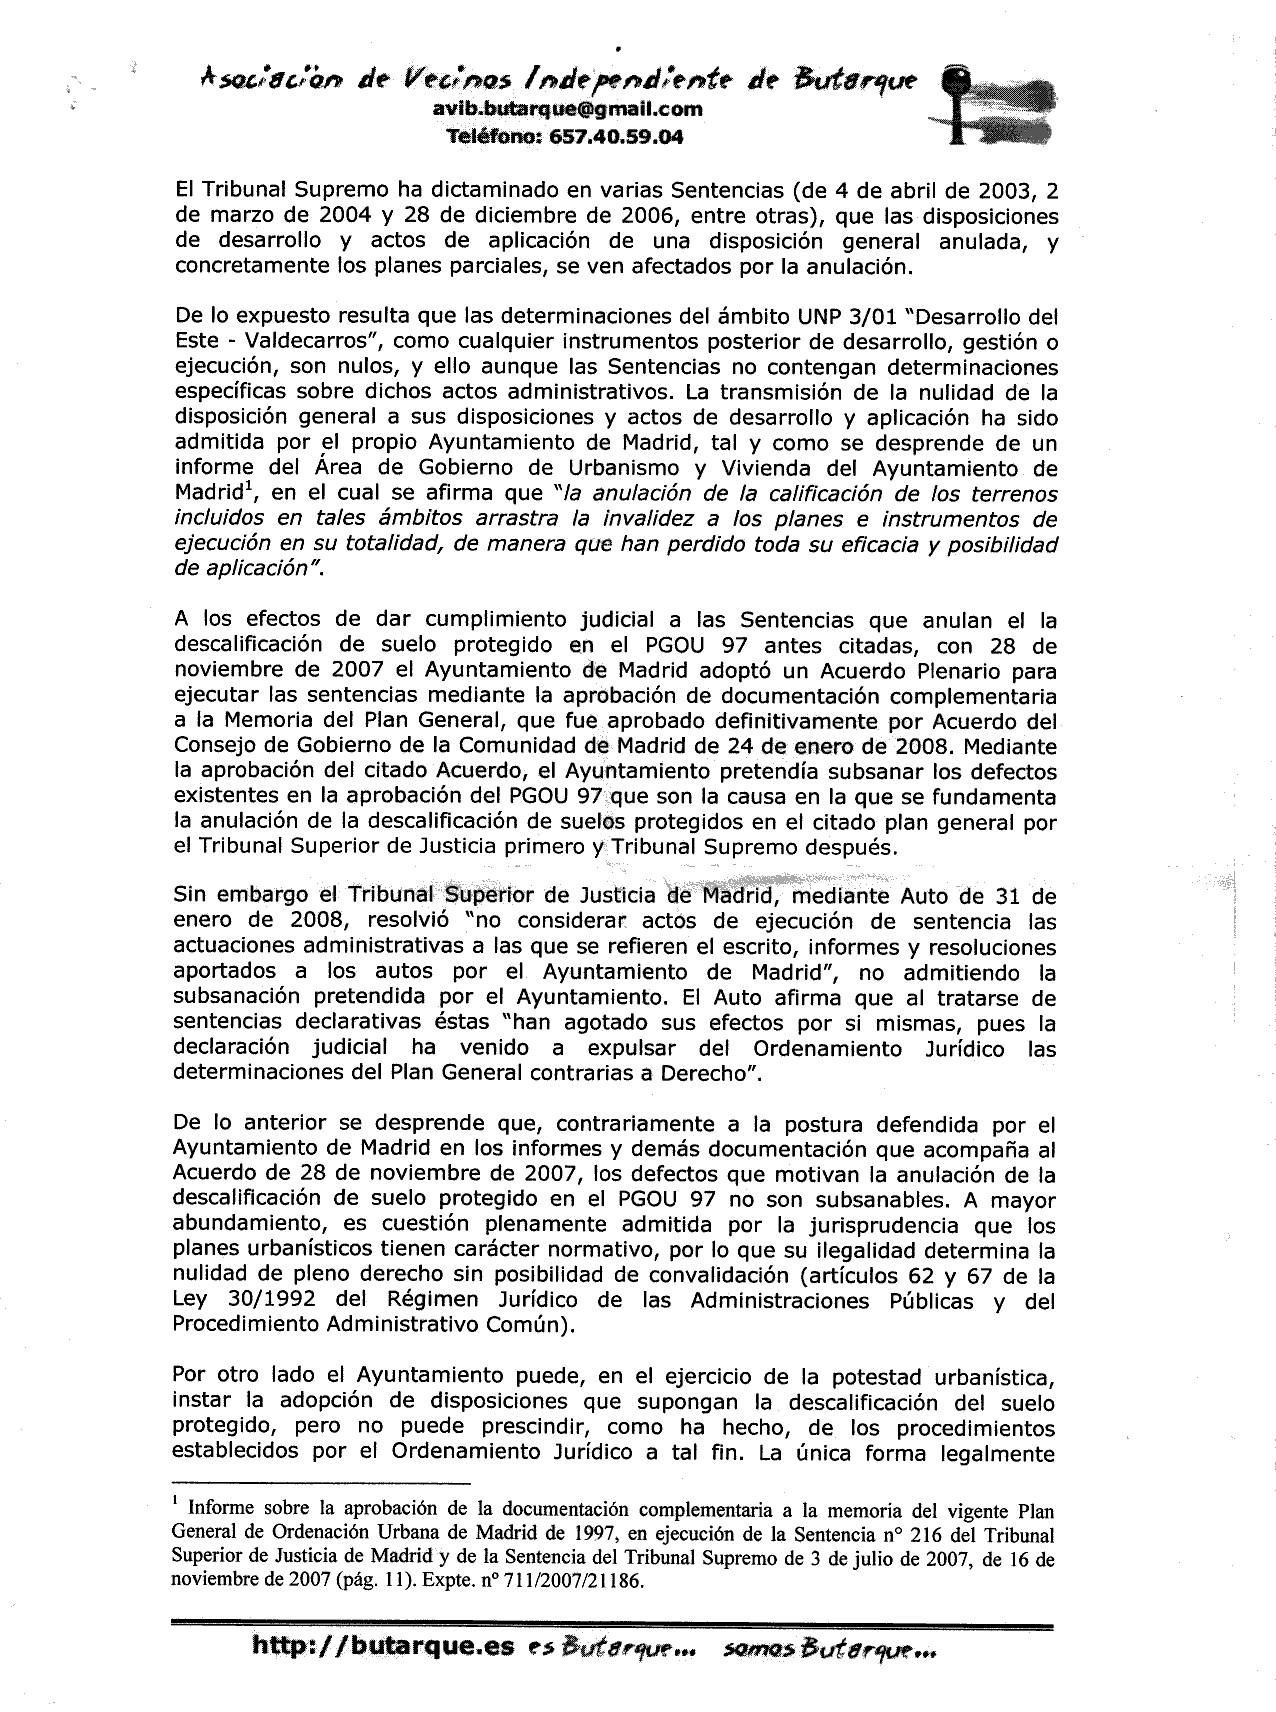 alegaciones_valdecarros-1.jpg